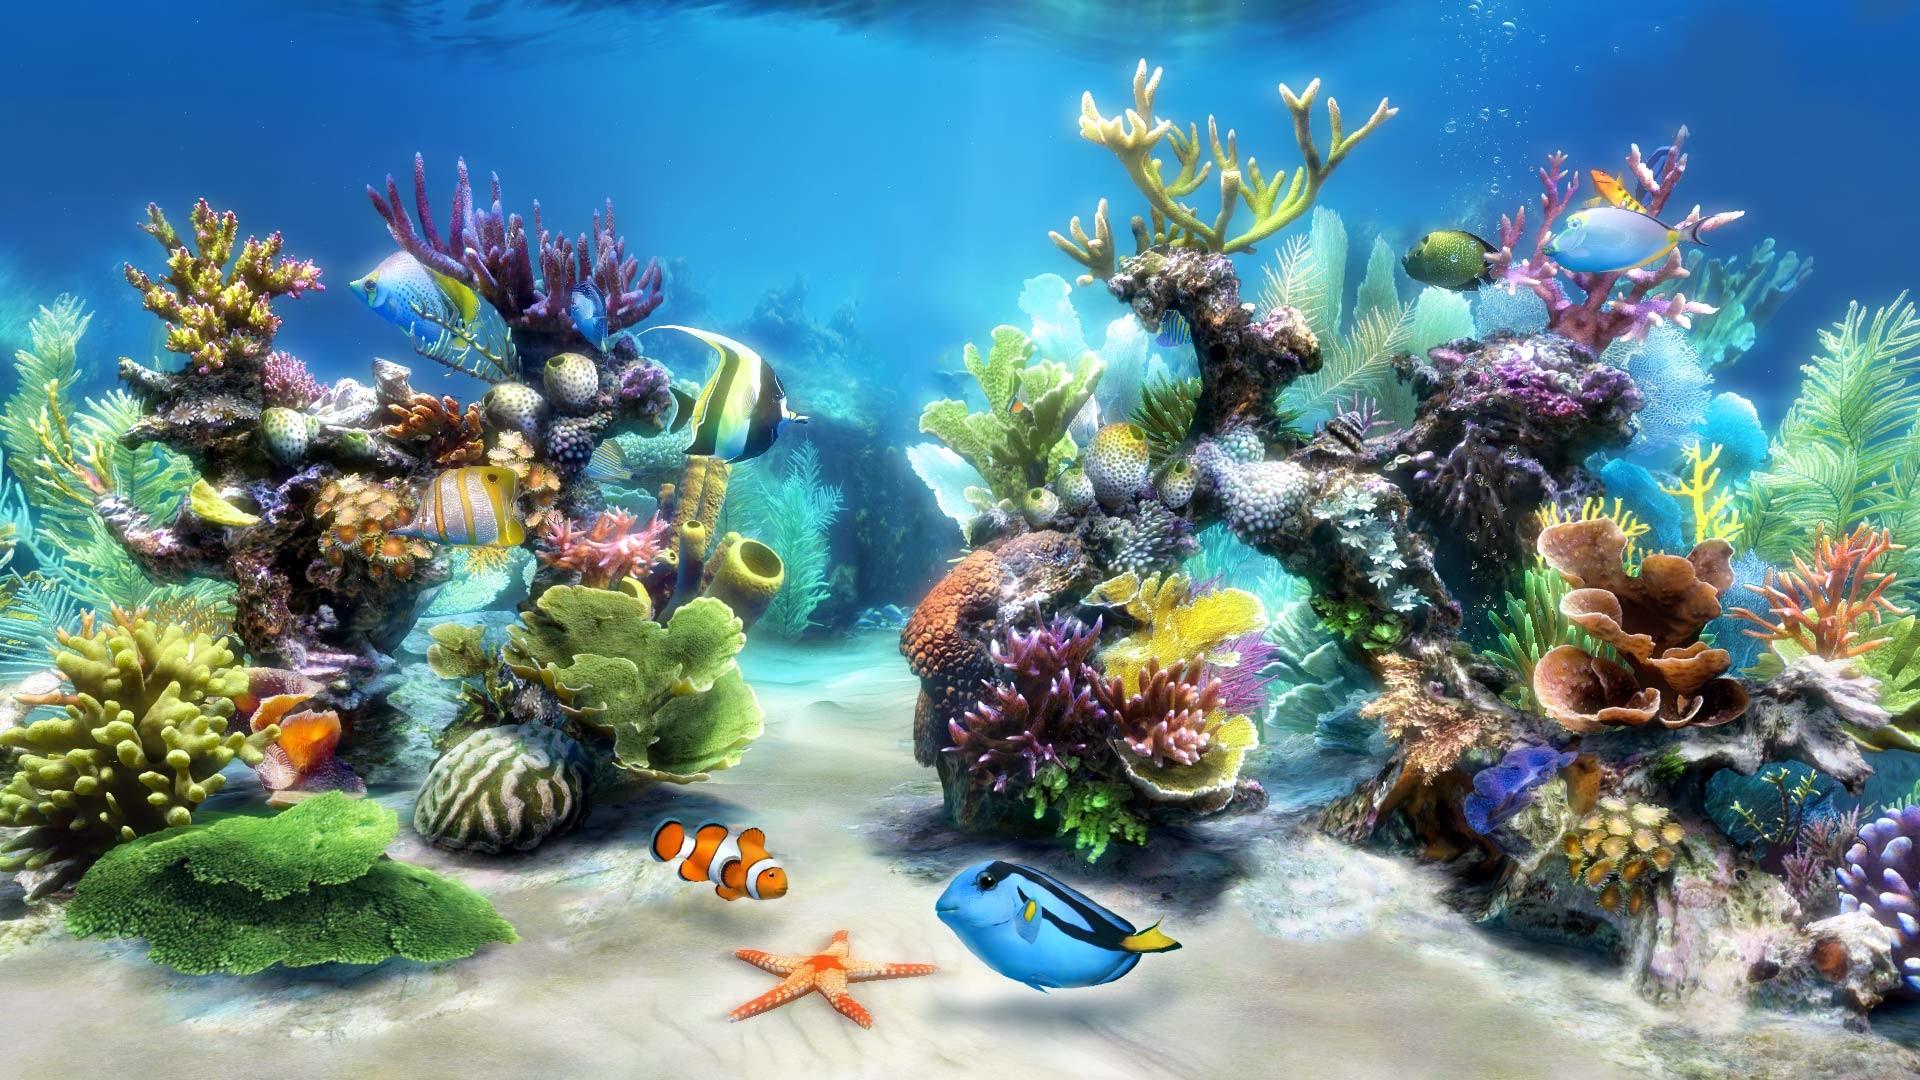 Desktop Aquarium 3d Live Wallpaper On Imac Aquarium Live Wallpaper Windows 10 55 Images